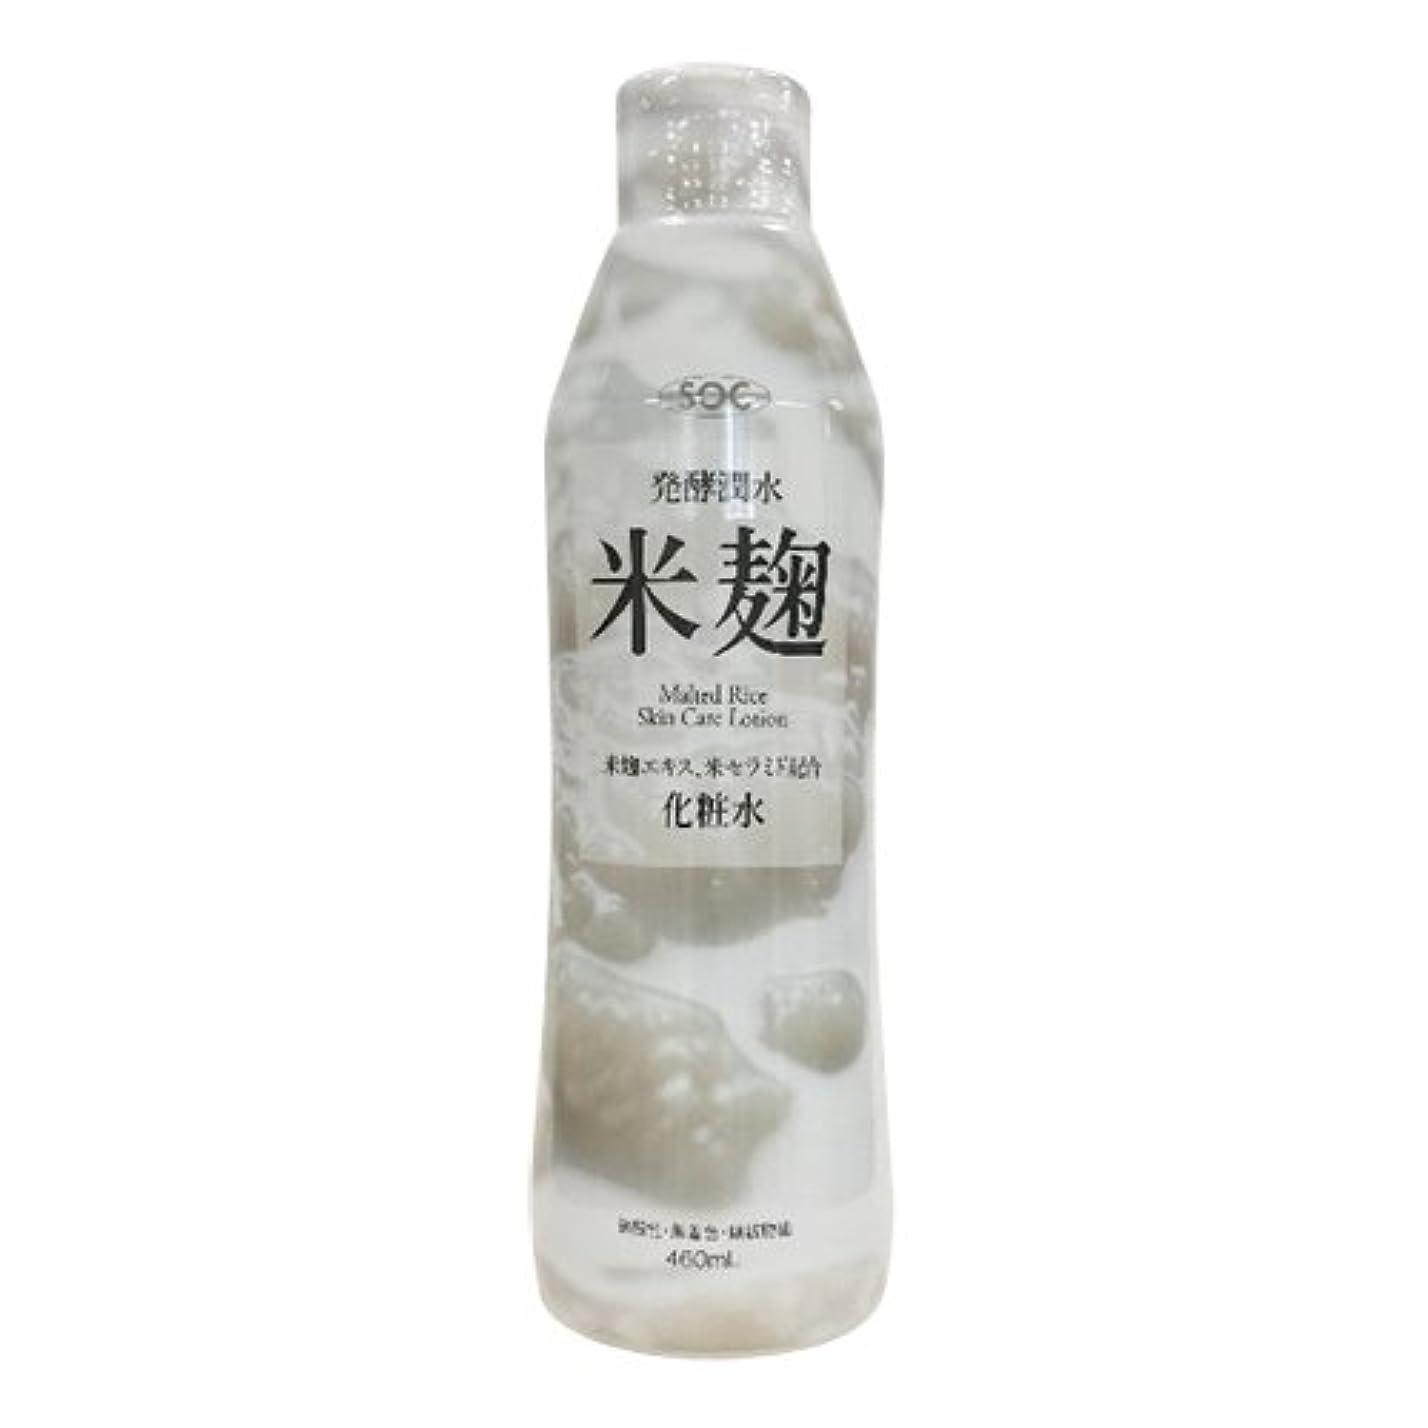 SOC 米麹配合化粧水 (460mL)